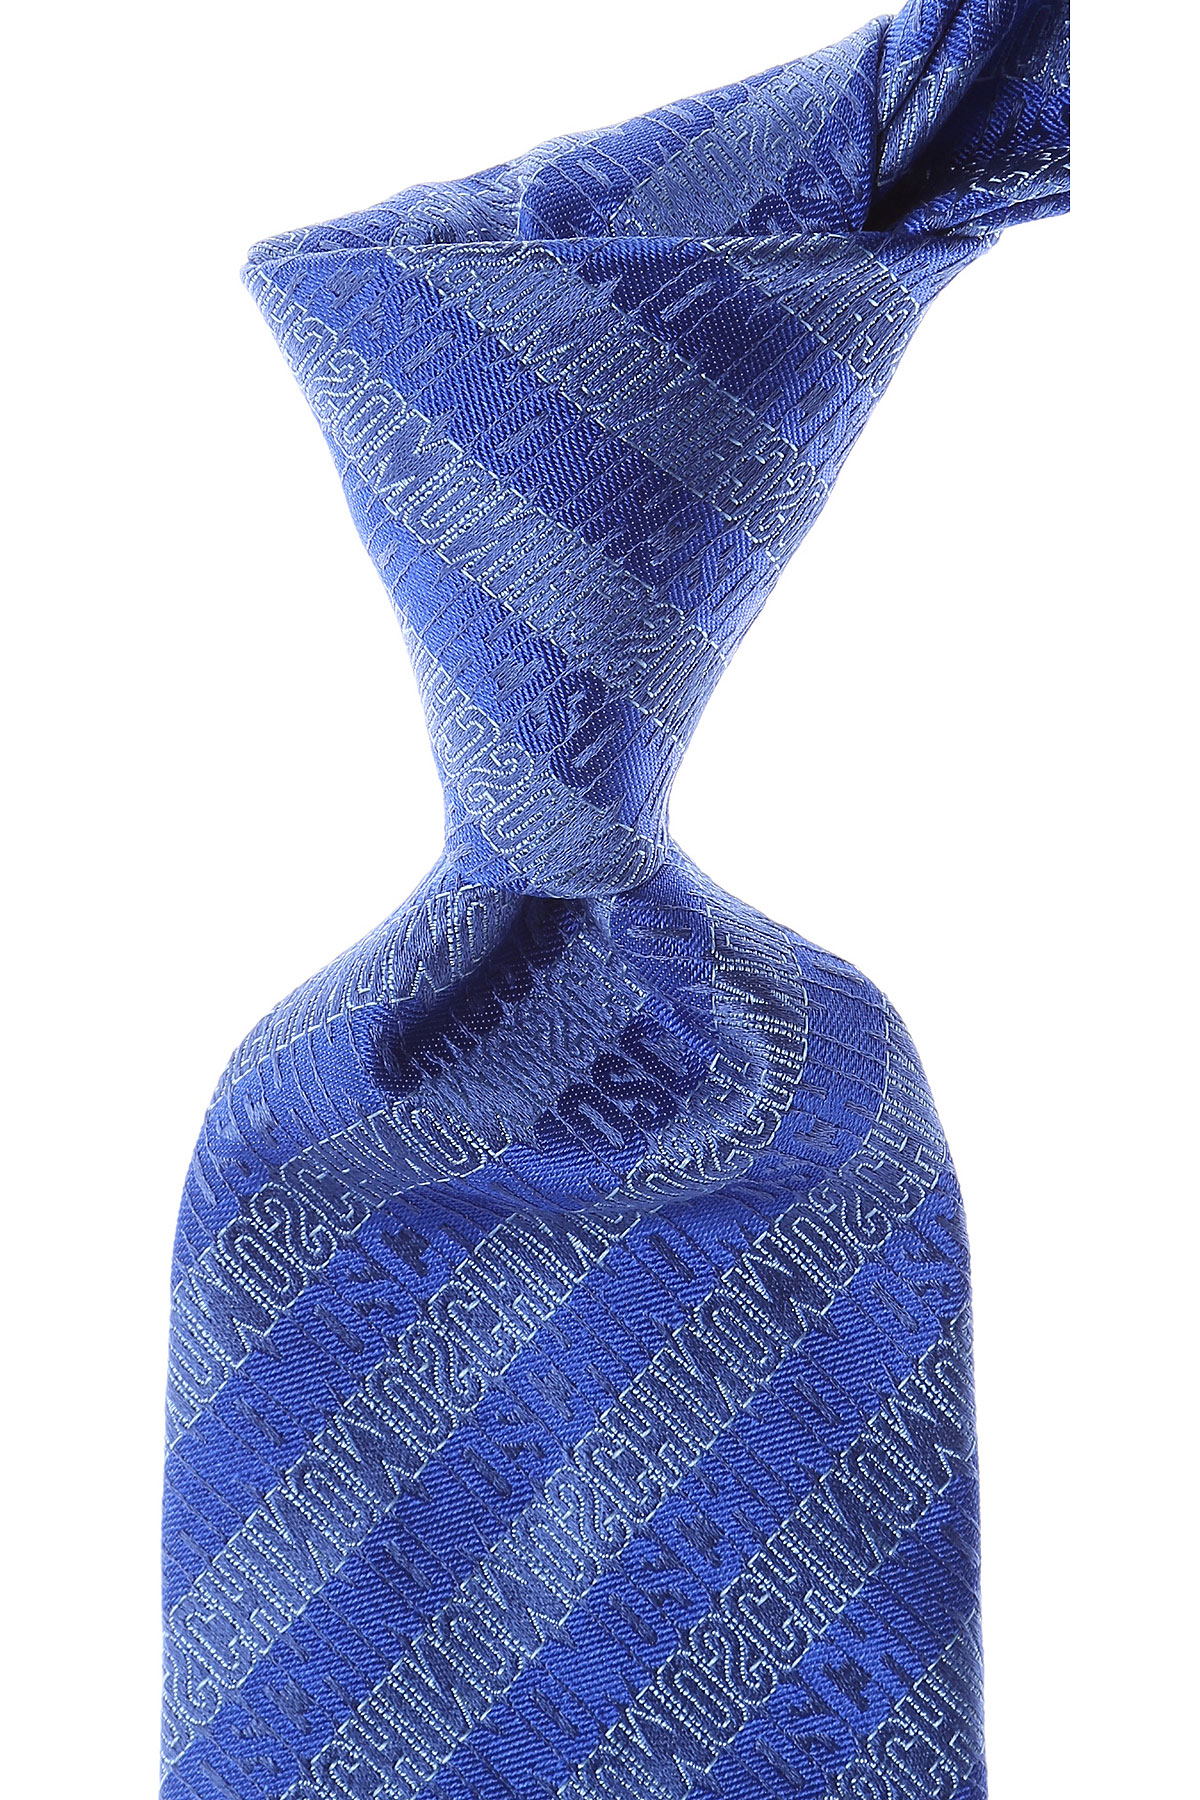 Cravates Moschino Pas cher en Soldes, Bleu électrique, Soie, 2017